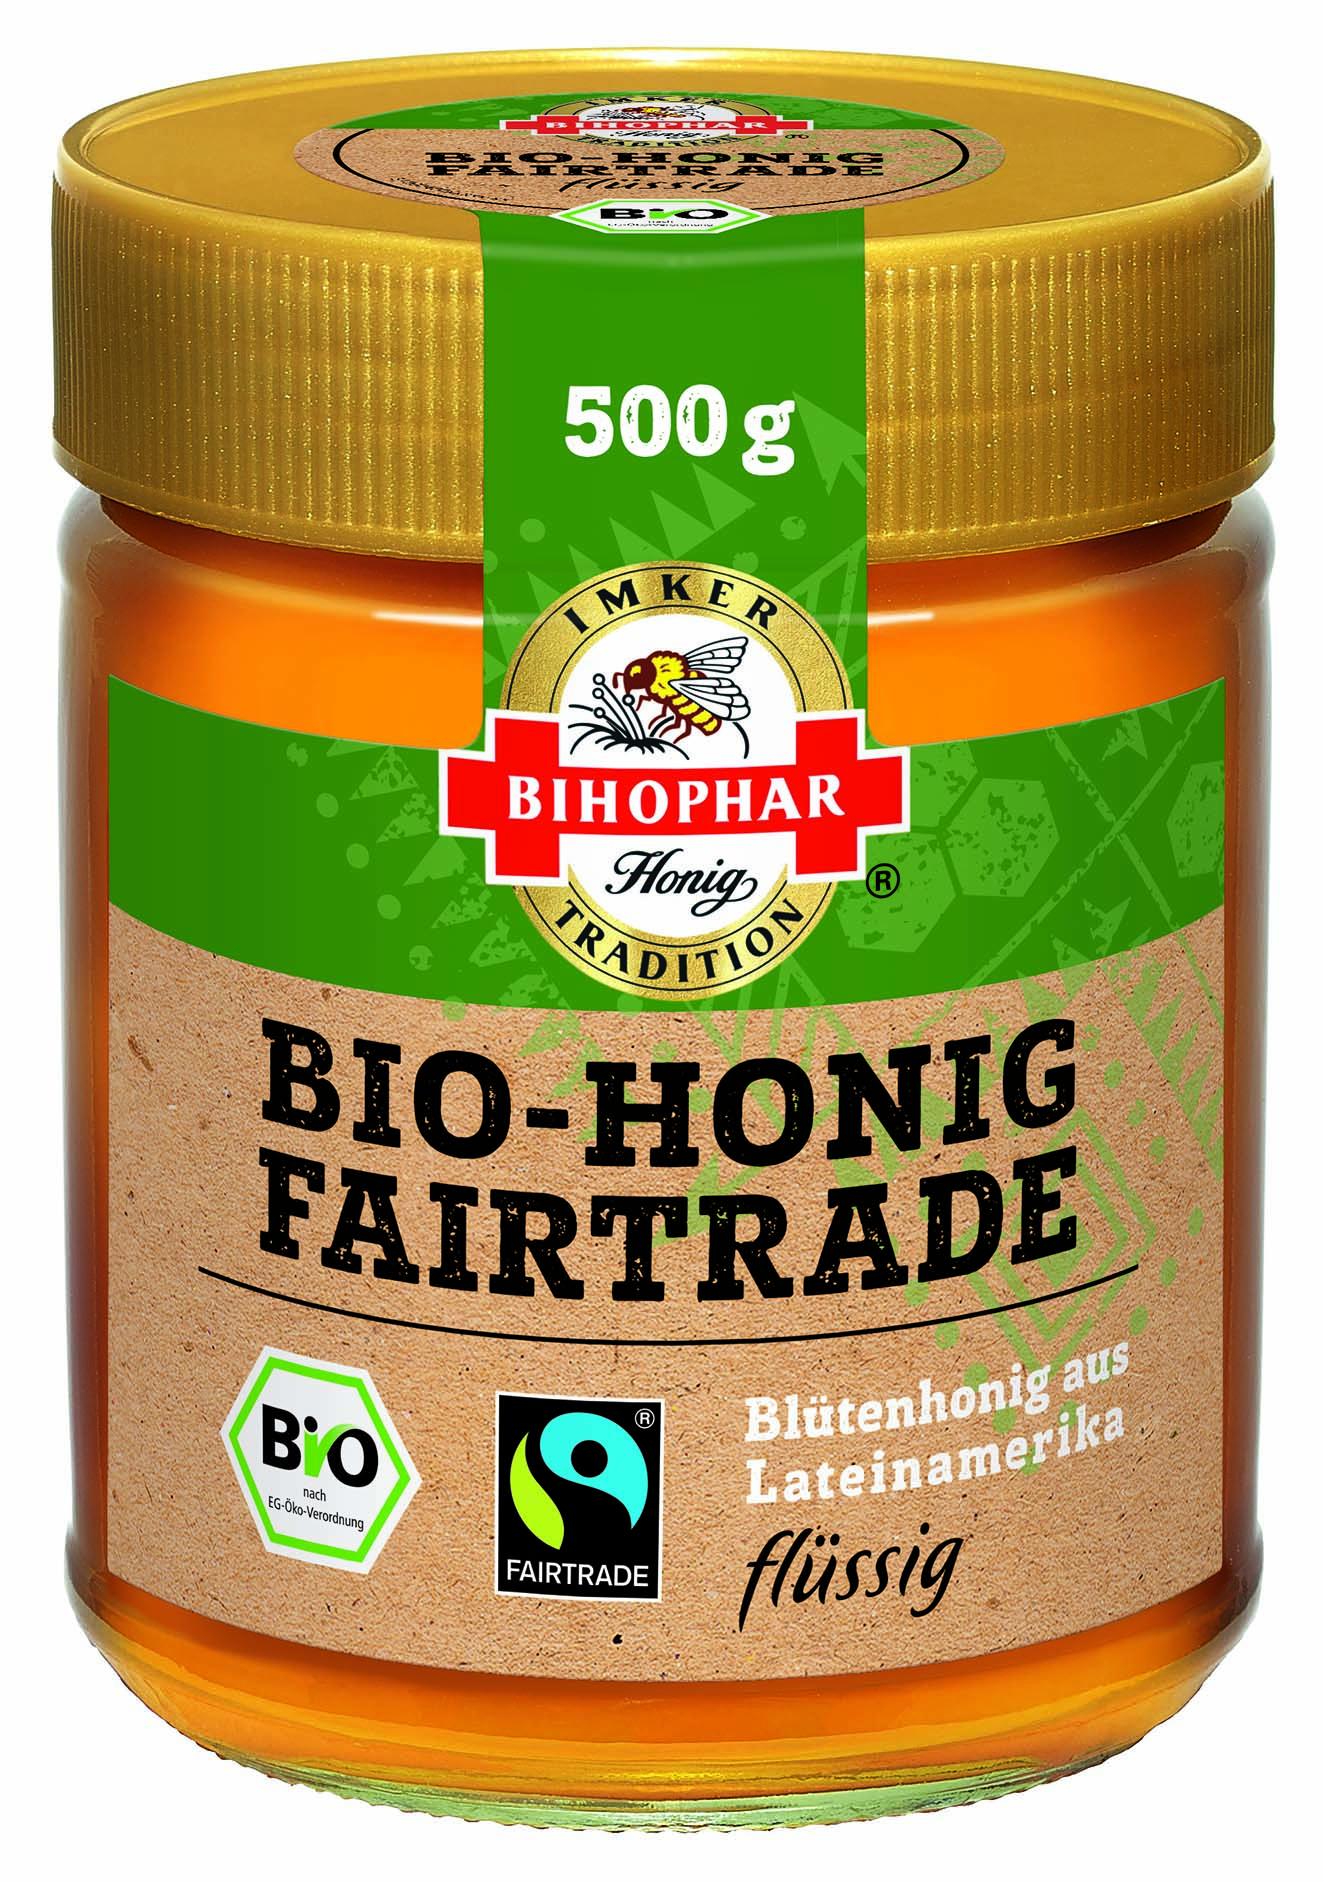 Bihophar Bio-Honig Fairtrade, flüssig